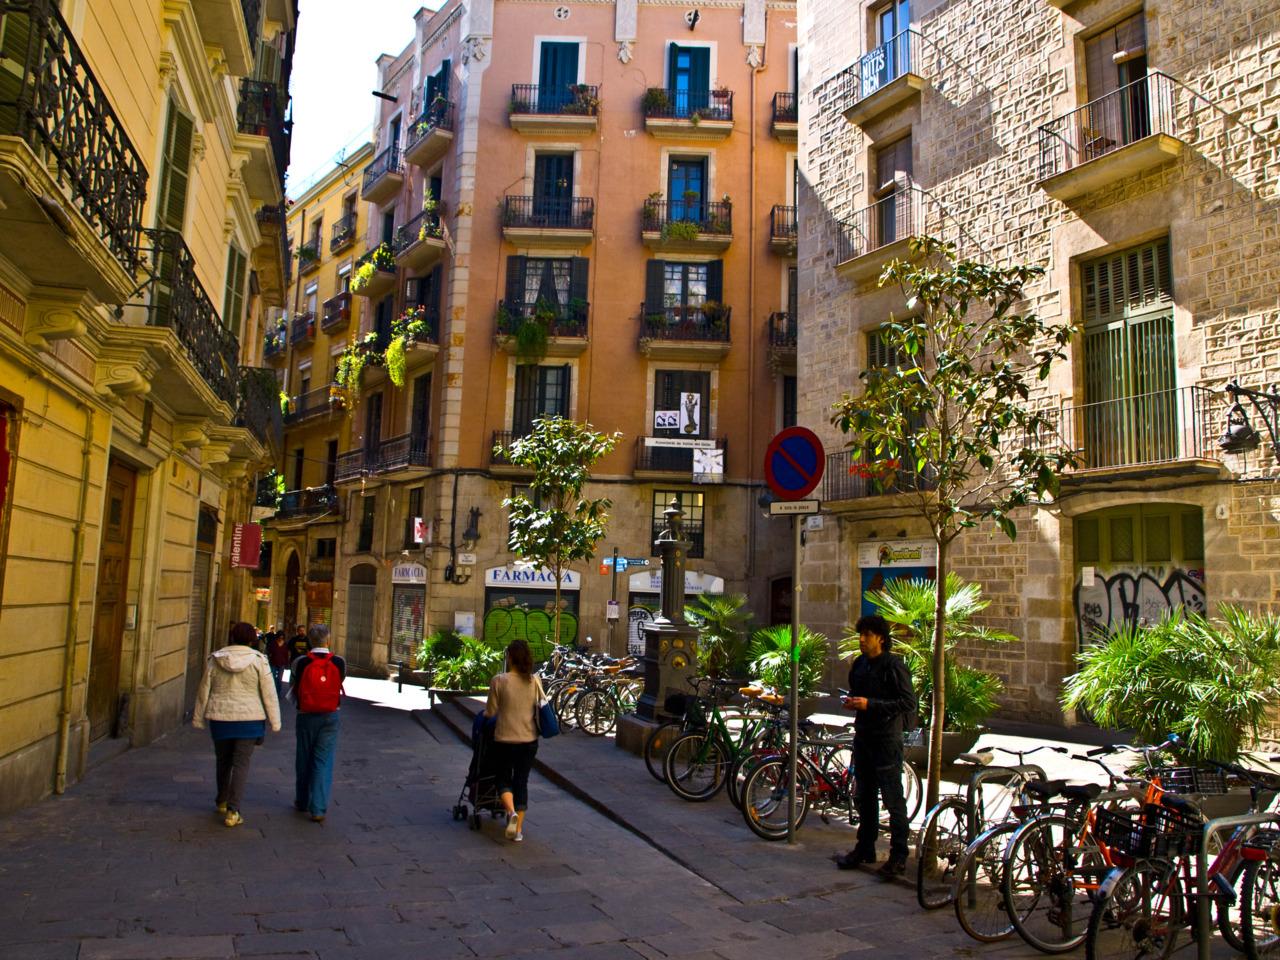 Малките улички са изпълнени с барчета и ресторанти